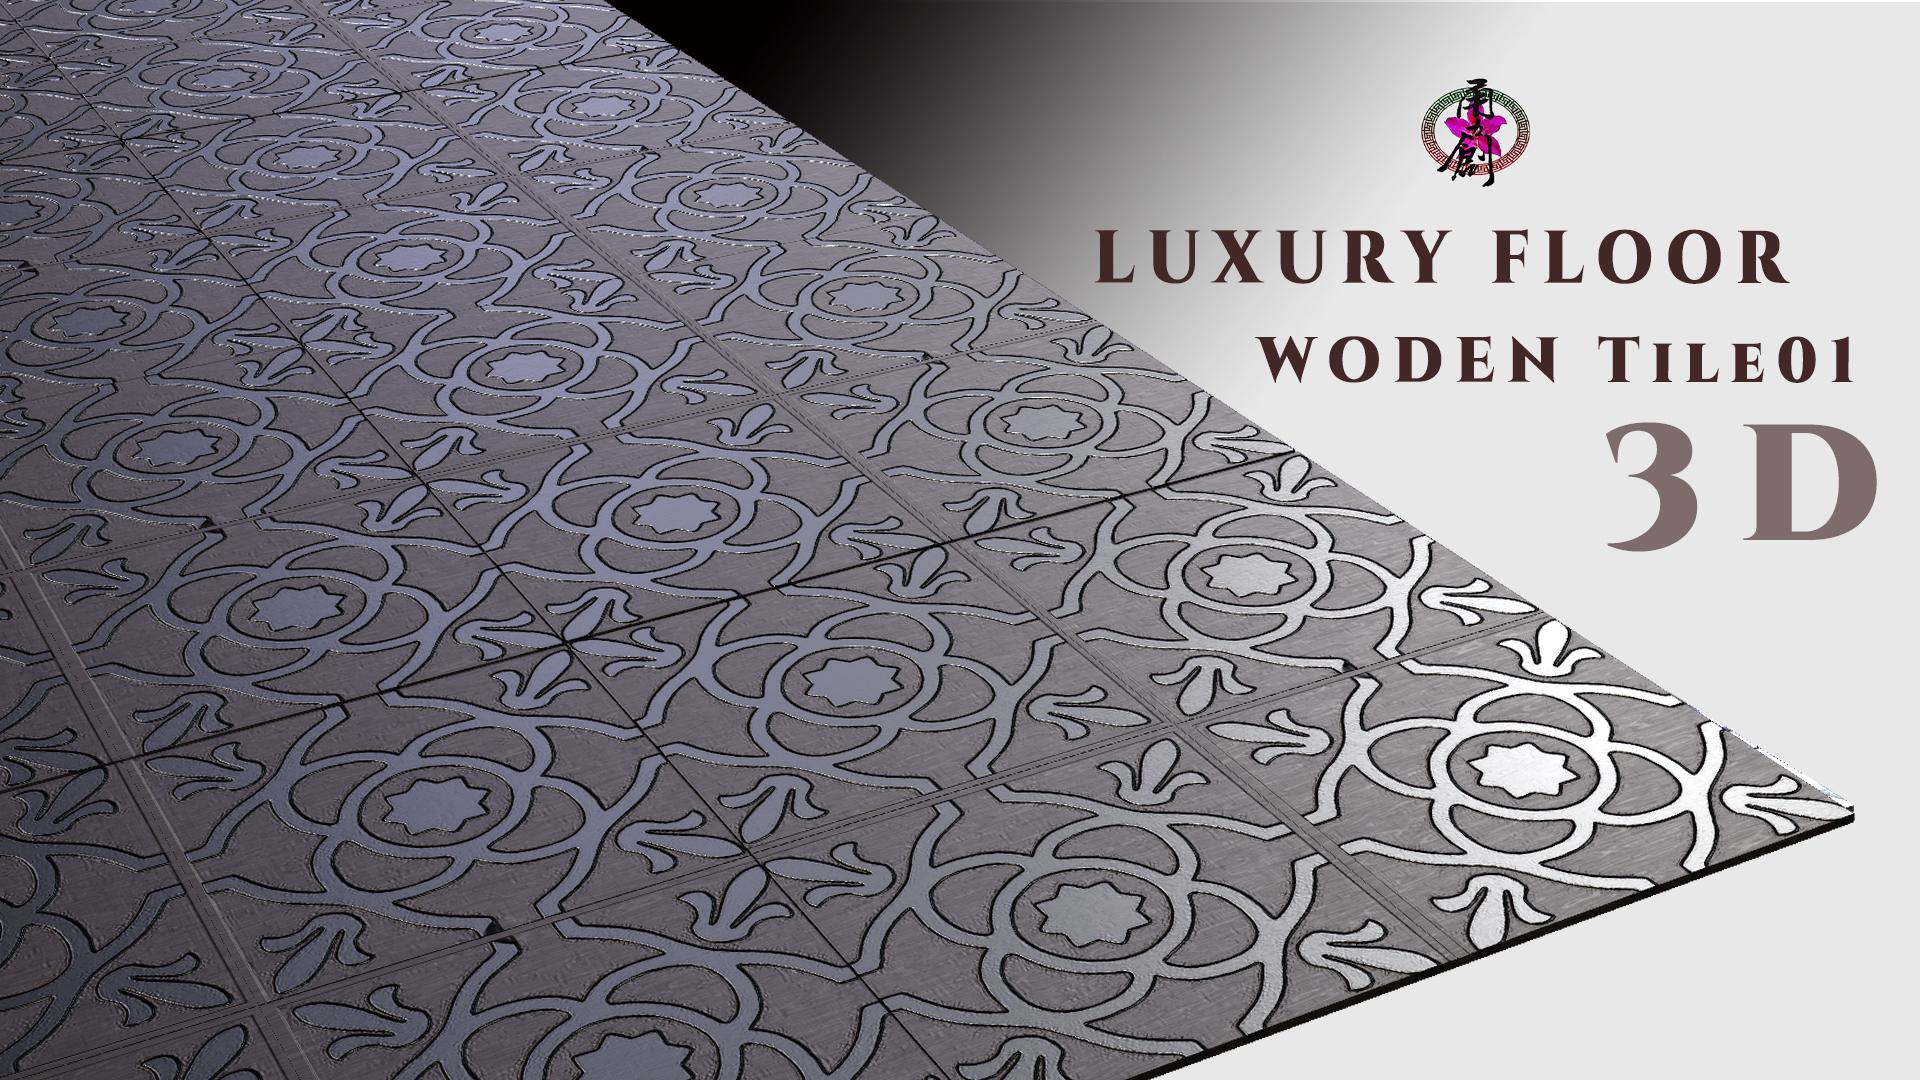 Luxury Floor - Wooden Tile01